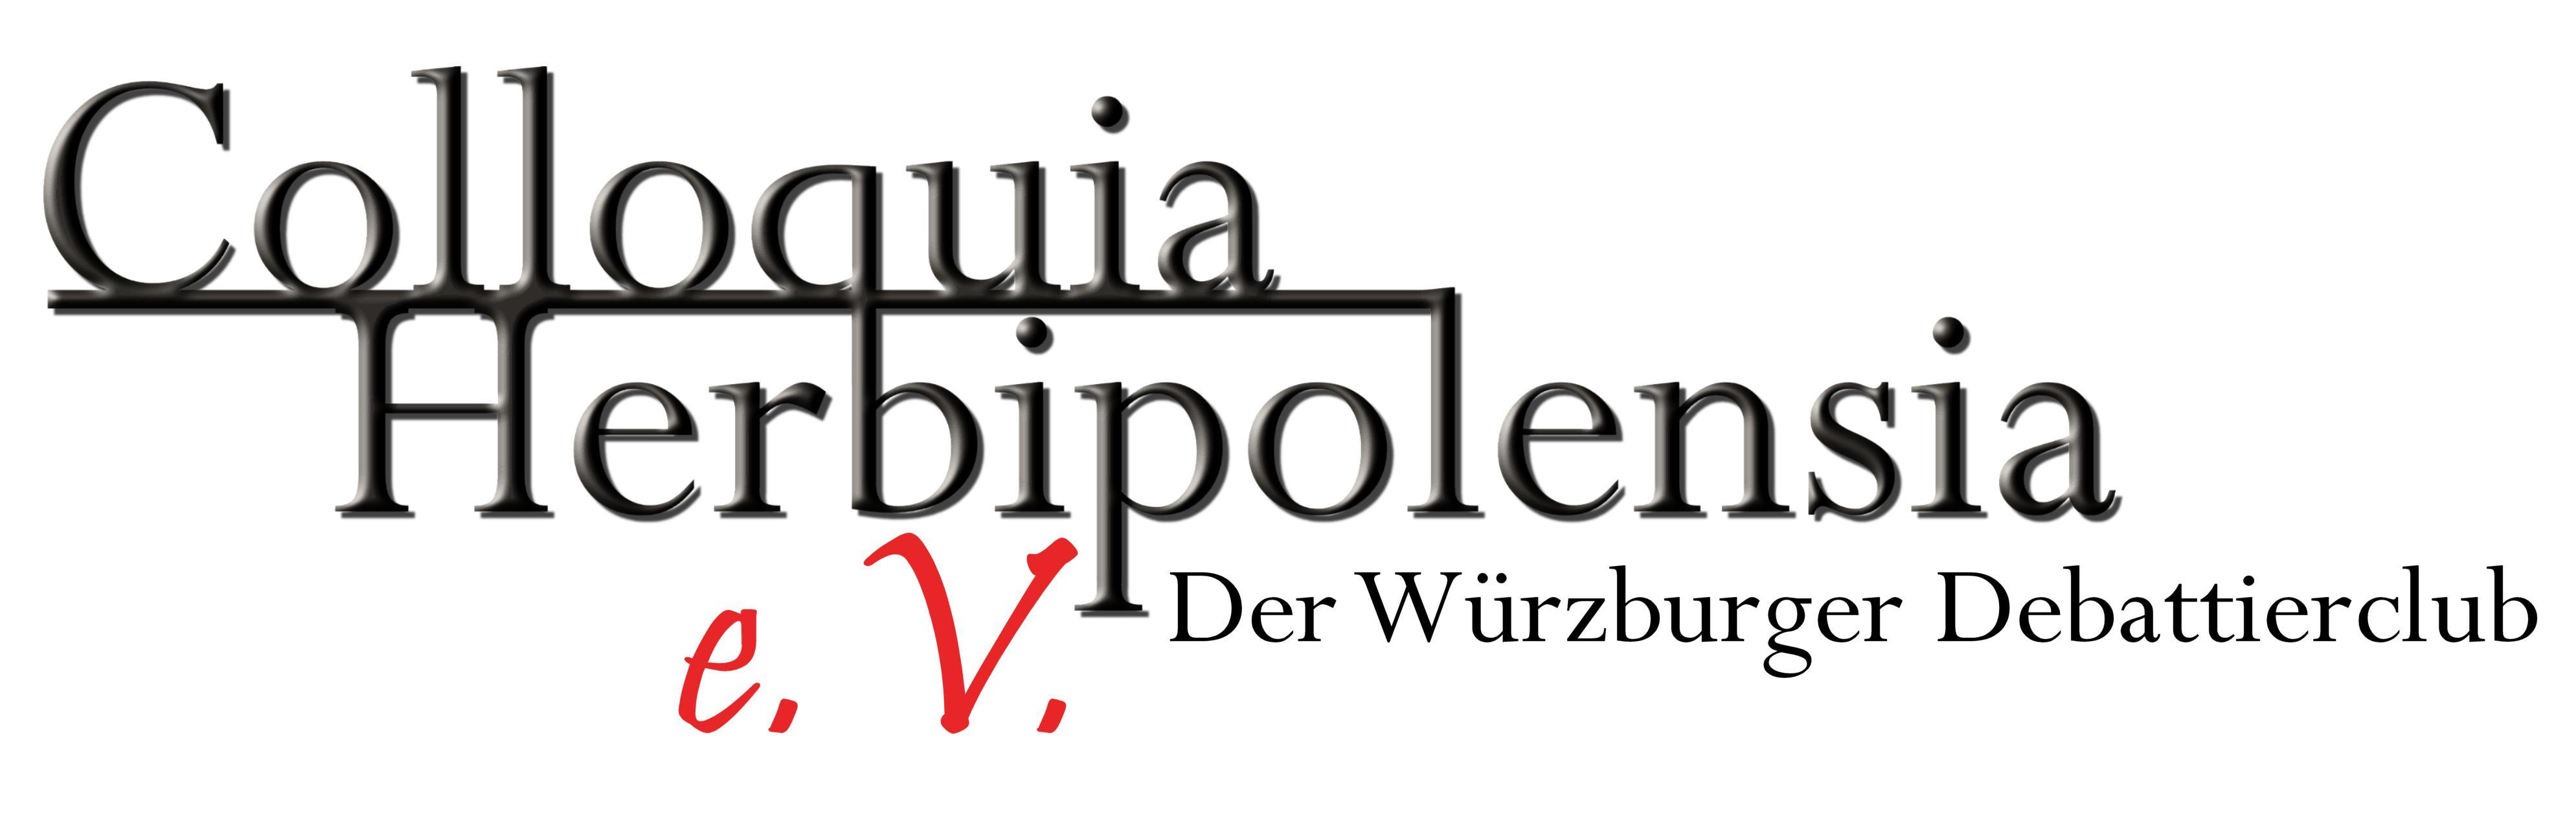 Colloquia Herbipolensia e.V.